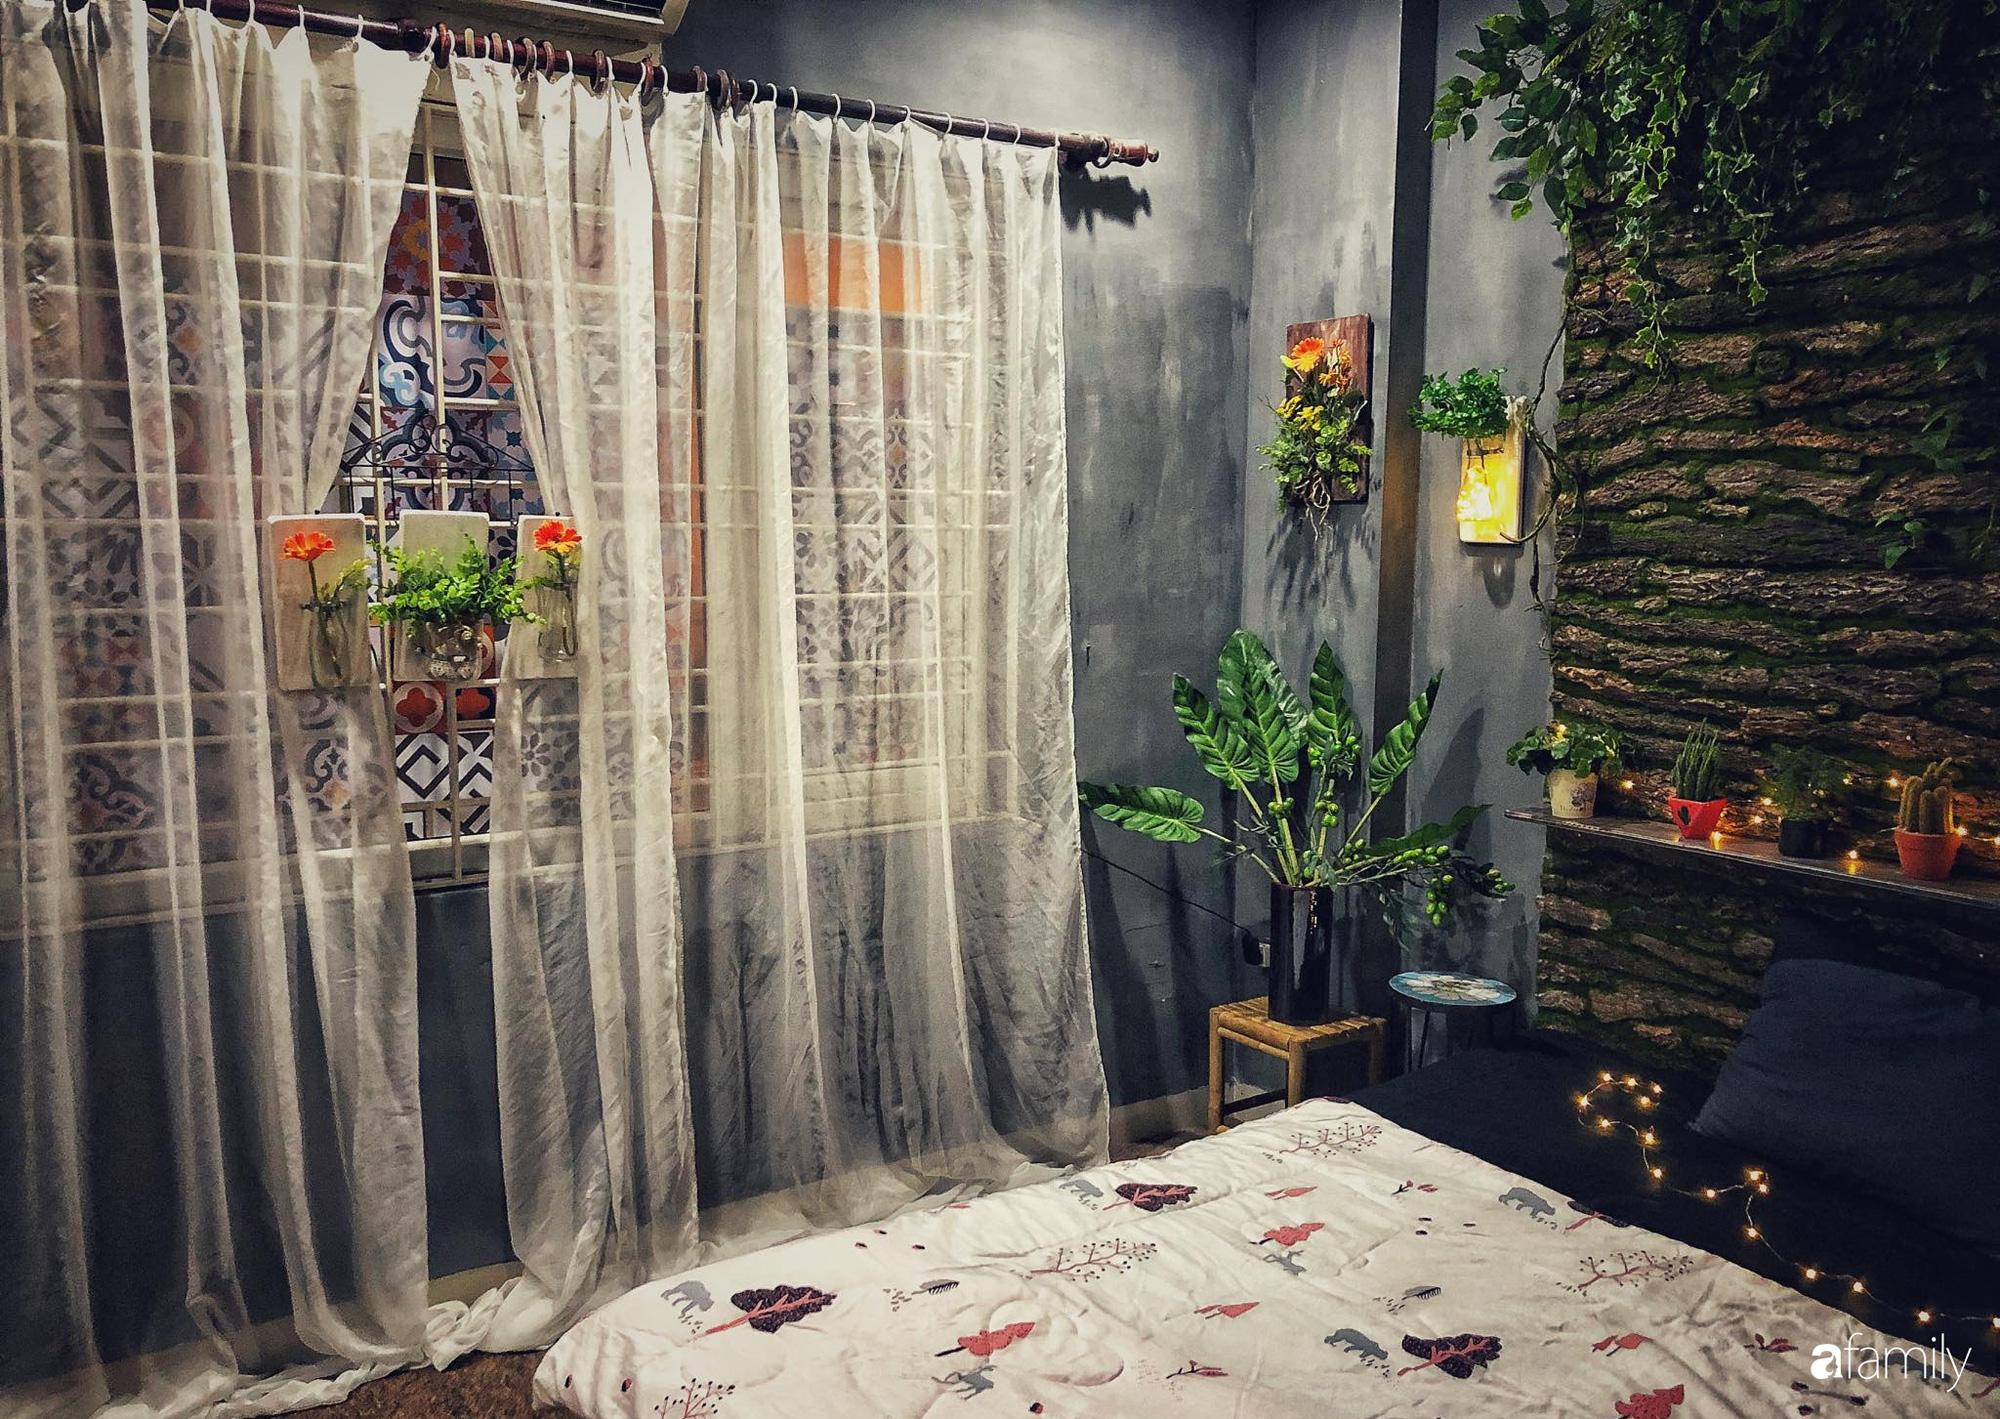 Bà mẹ trẻ Hà Nội biến phòng trọ 22m² thành homestay đẹp hút mắt cho riêng mình với chi phí cải tạo chỉ 5 triệu đồng - Ảnh 10.